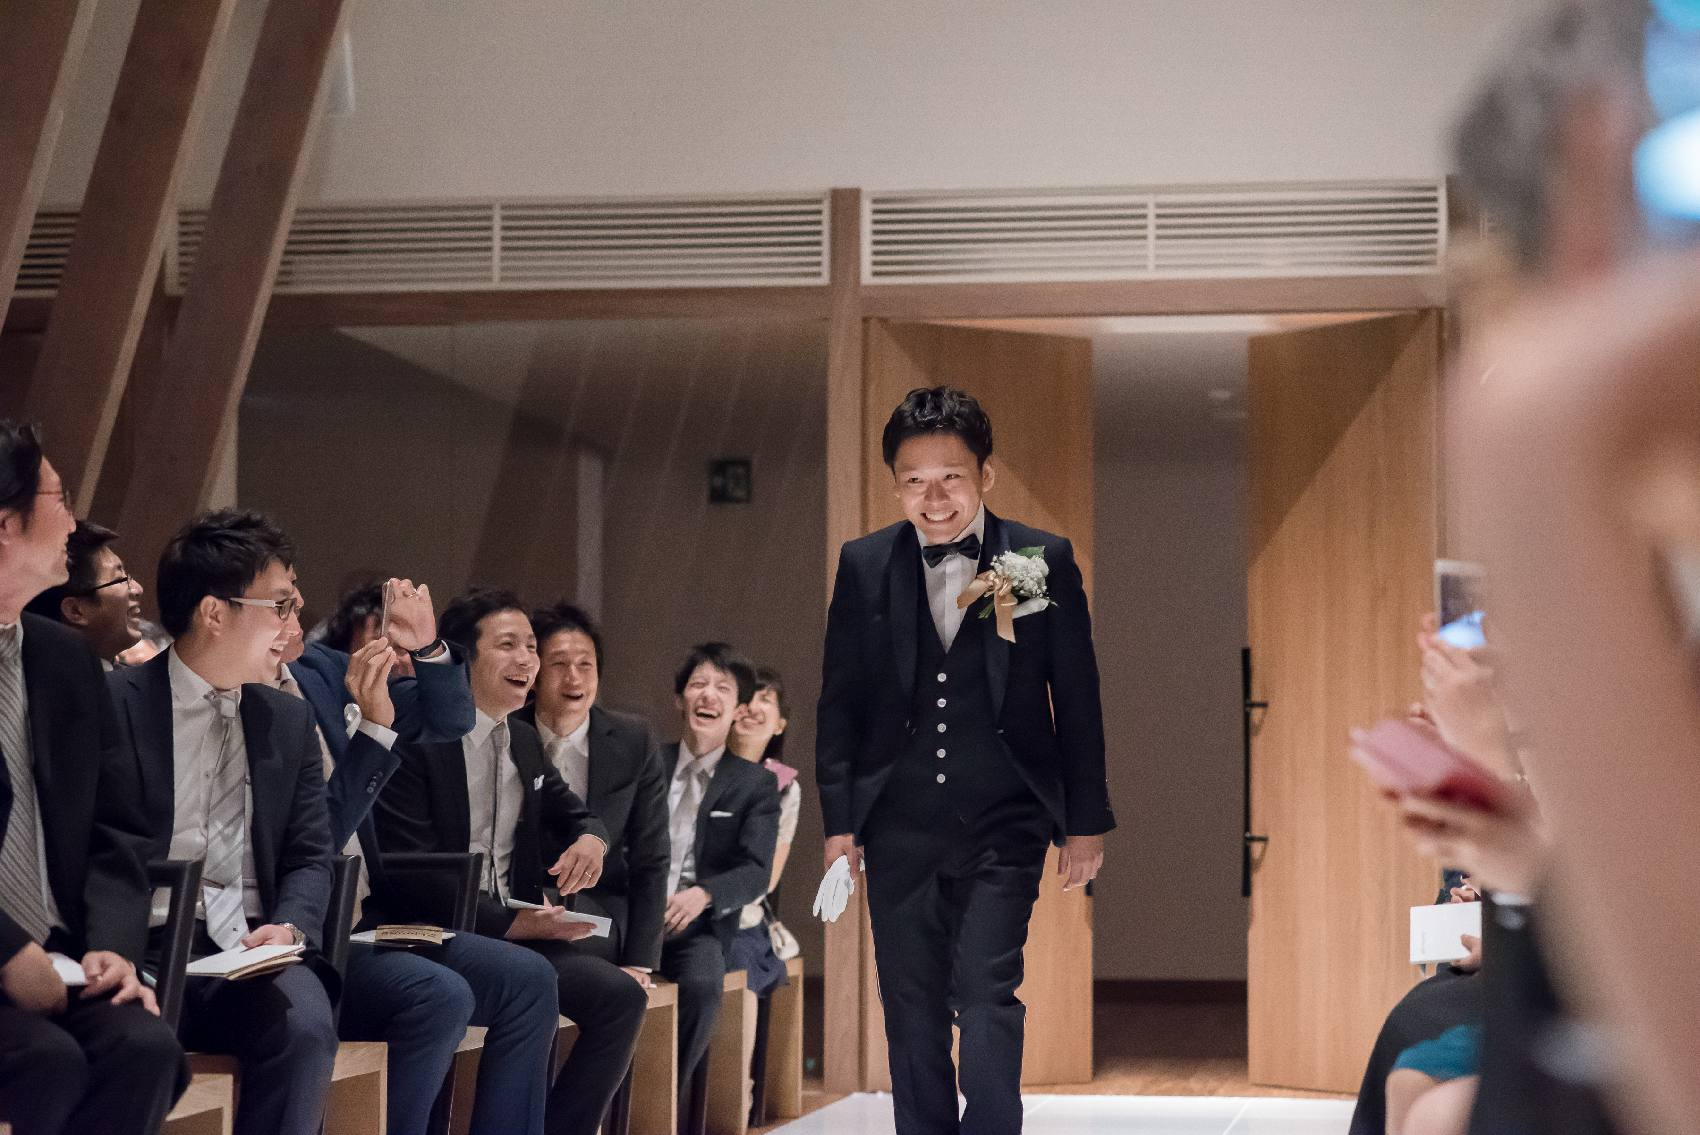 香川県高松市の結婚式場アナザースタイルの新郎がチャペルに入場